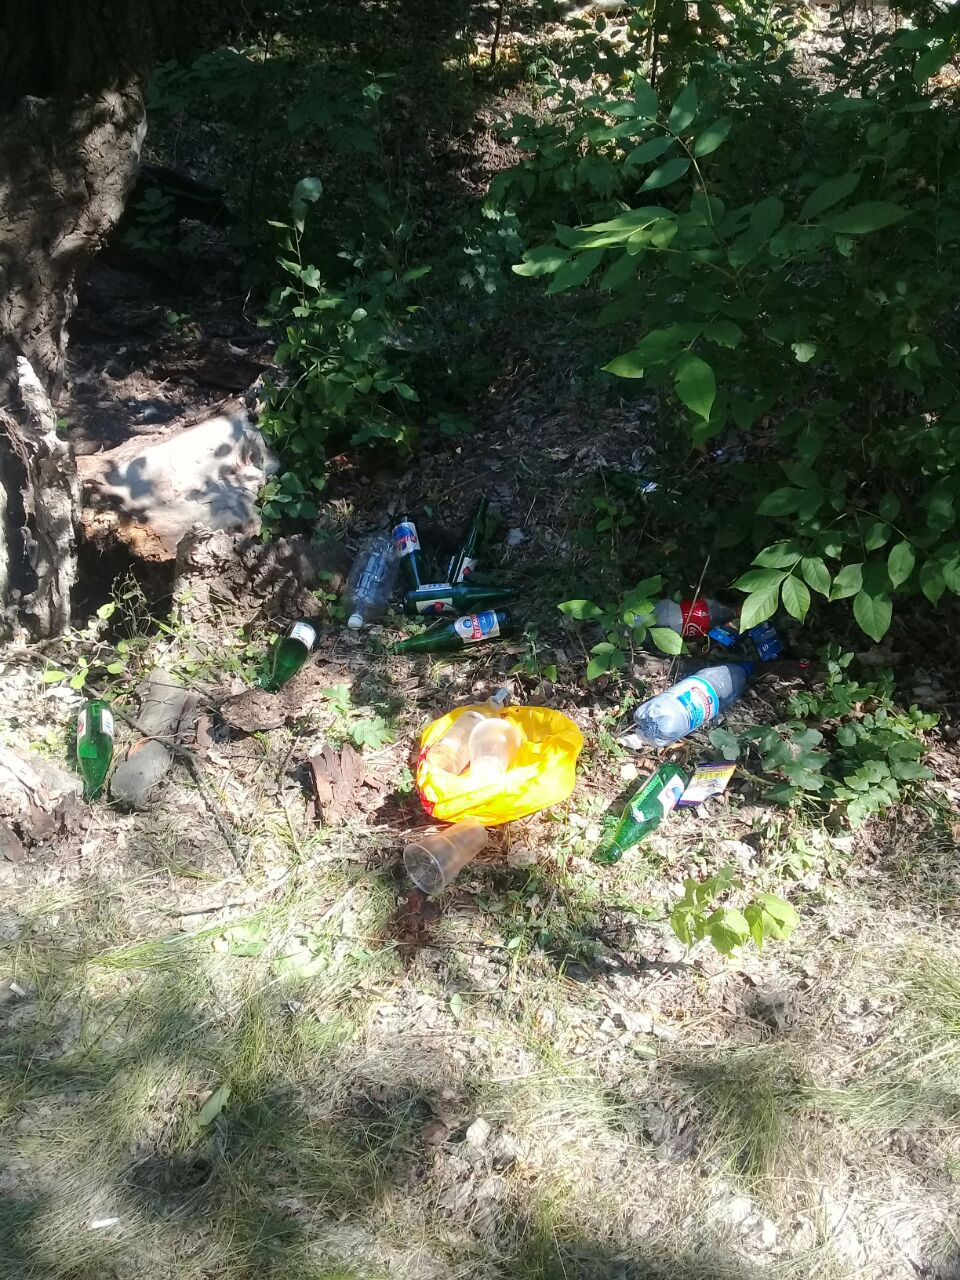 Госслужащие хорошо отдохнули на природе, оставив за собой кучу мусора в ЗКО